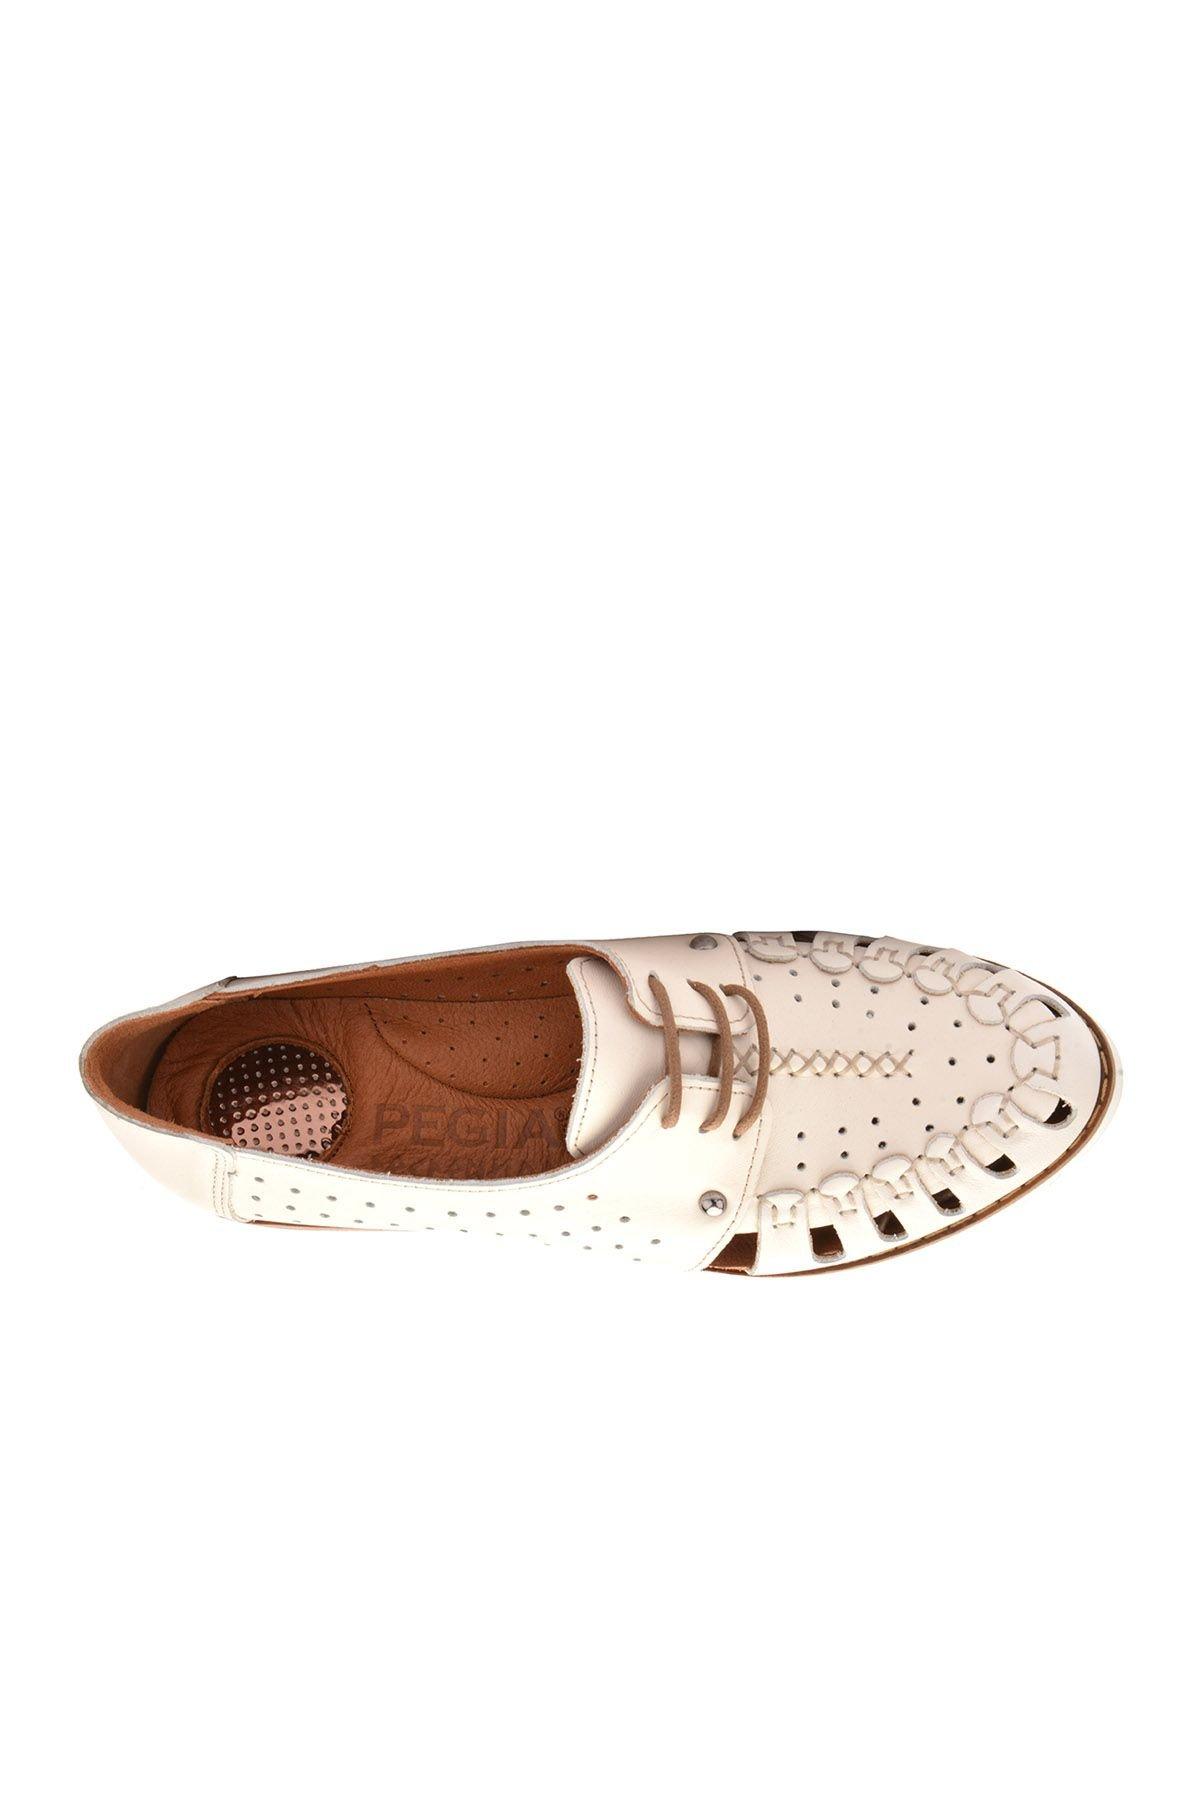 Pegia Шнурованная Женская Обувь Из Натуральной Кожи REC-123 Белый